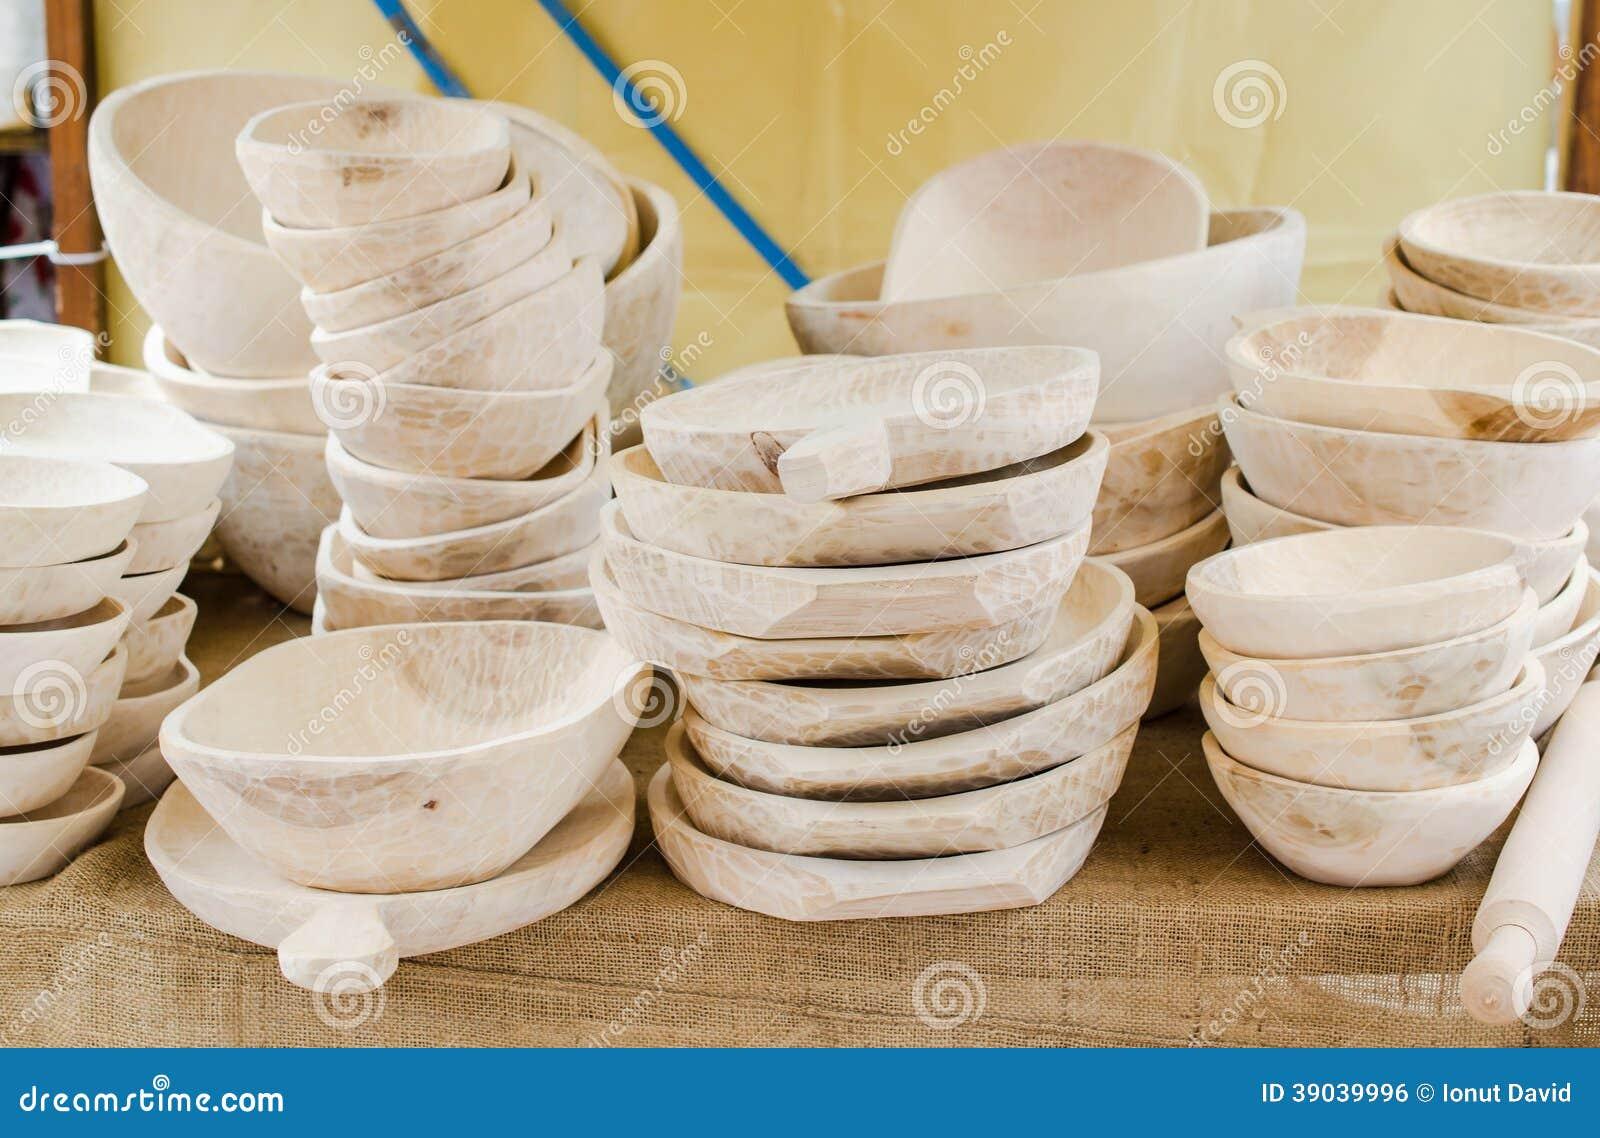 oggetti di legno per la cucina, i piatti, la ciotola, ecc ... - Oggetti Per Cucina